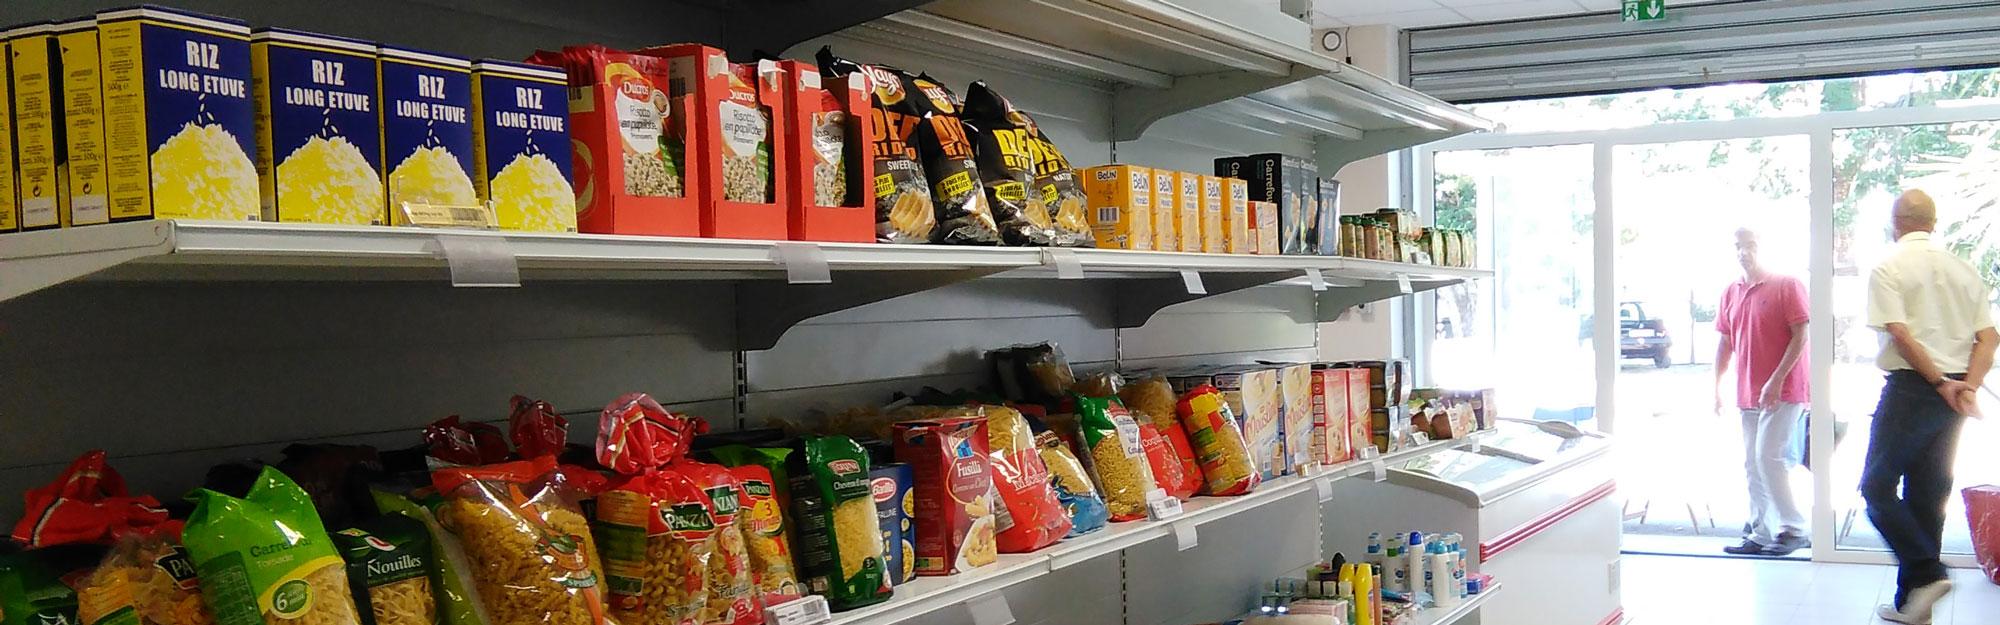 Croix-Rouge-Pau-Aide-alimentaire-Coupfin